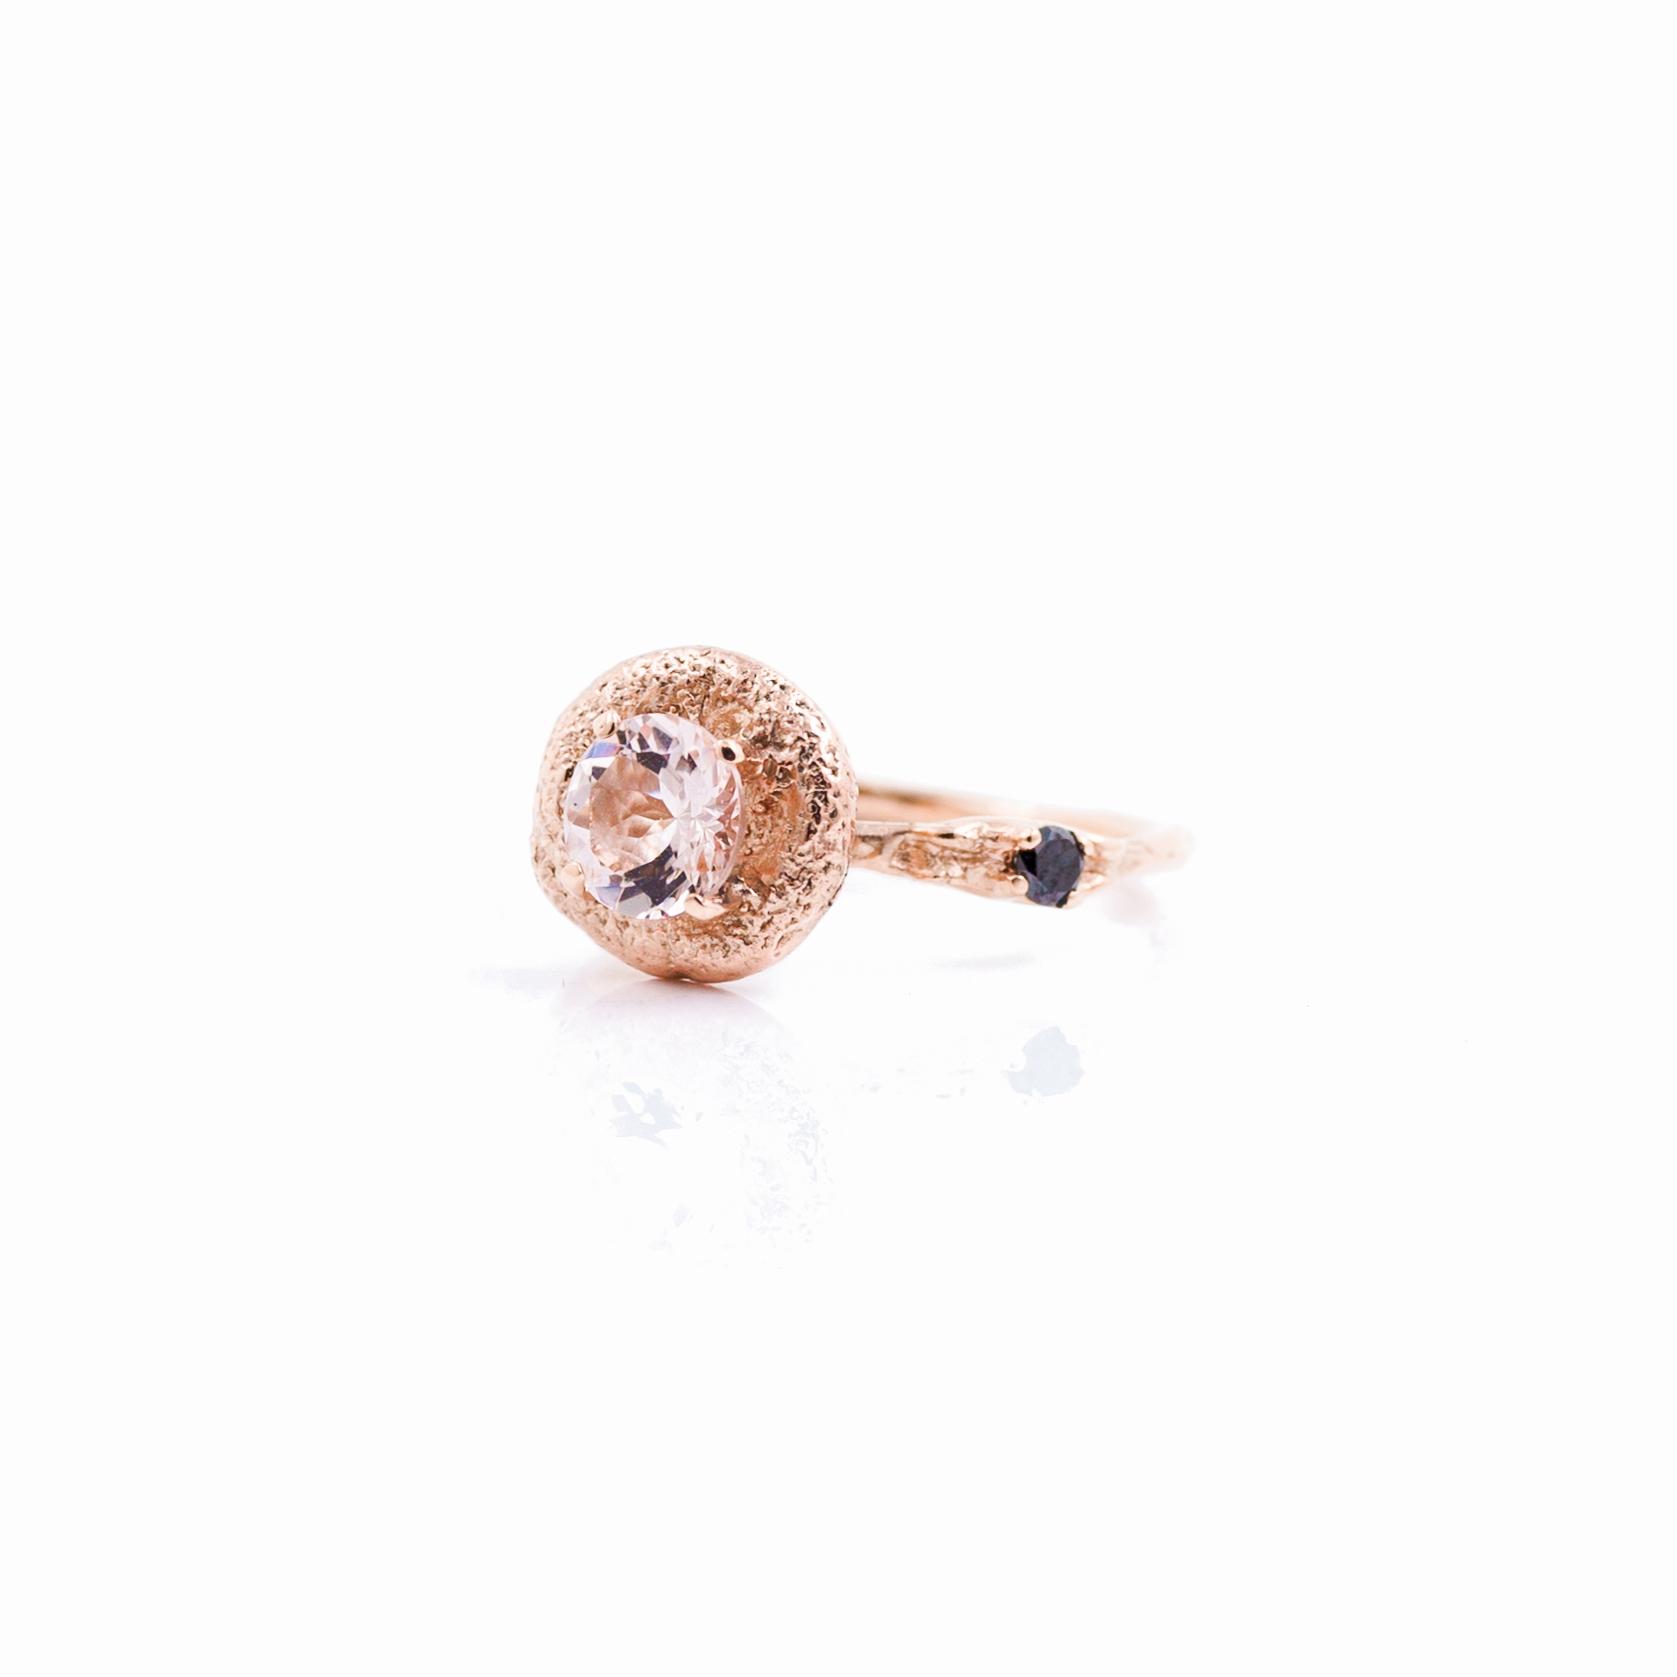 Surfacing Ring | Rose gold, morganite, black diamond.